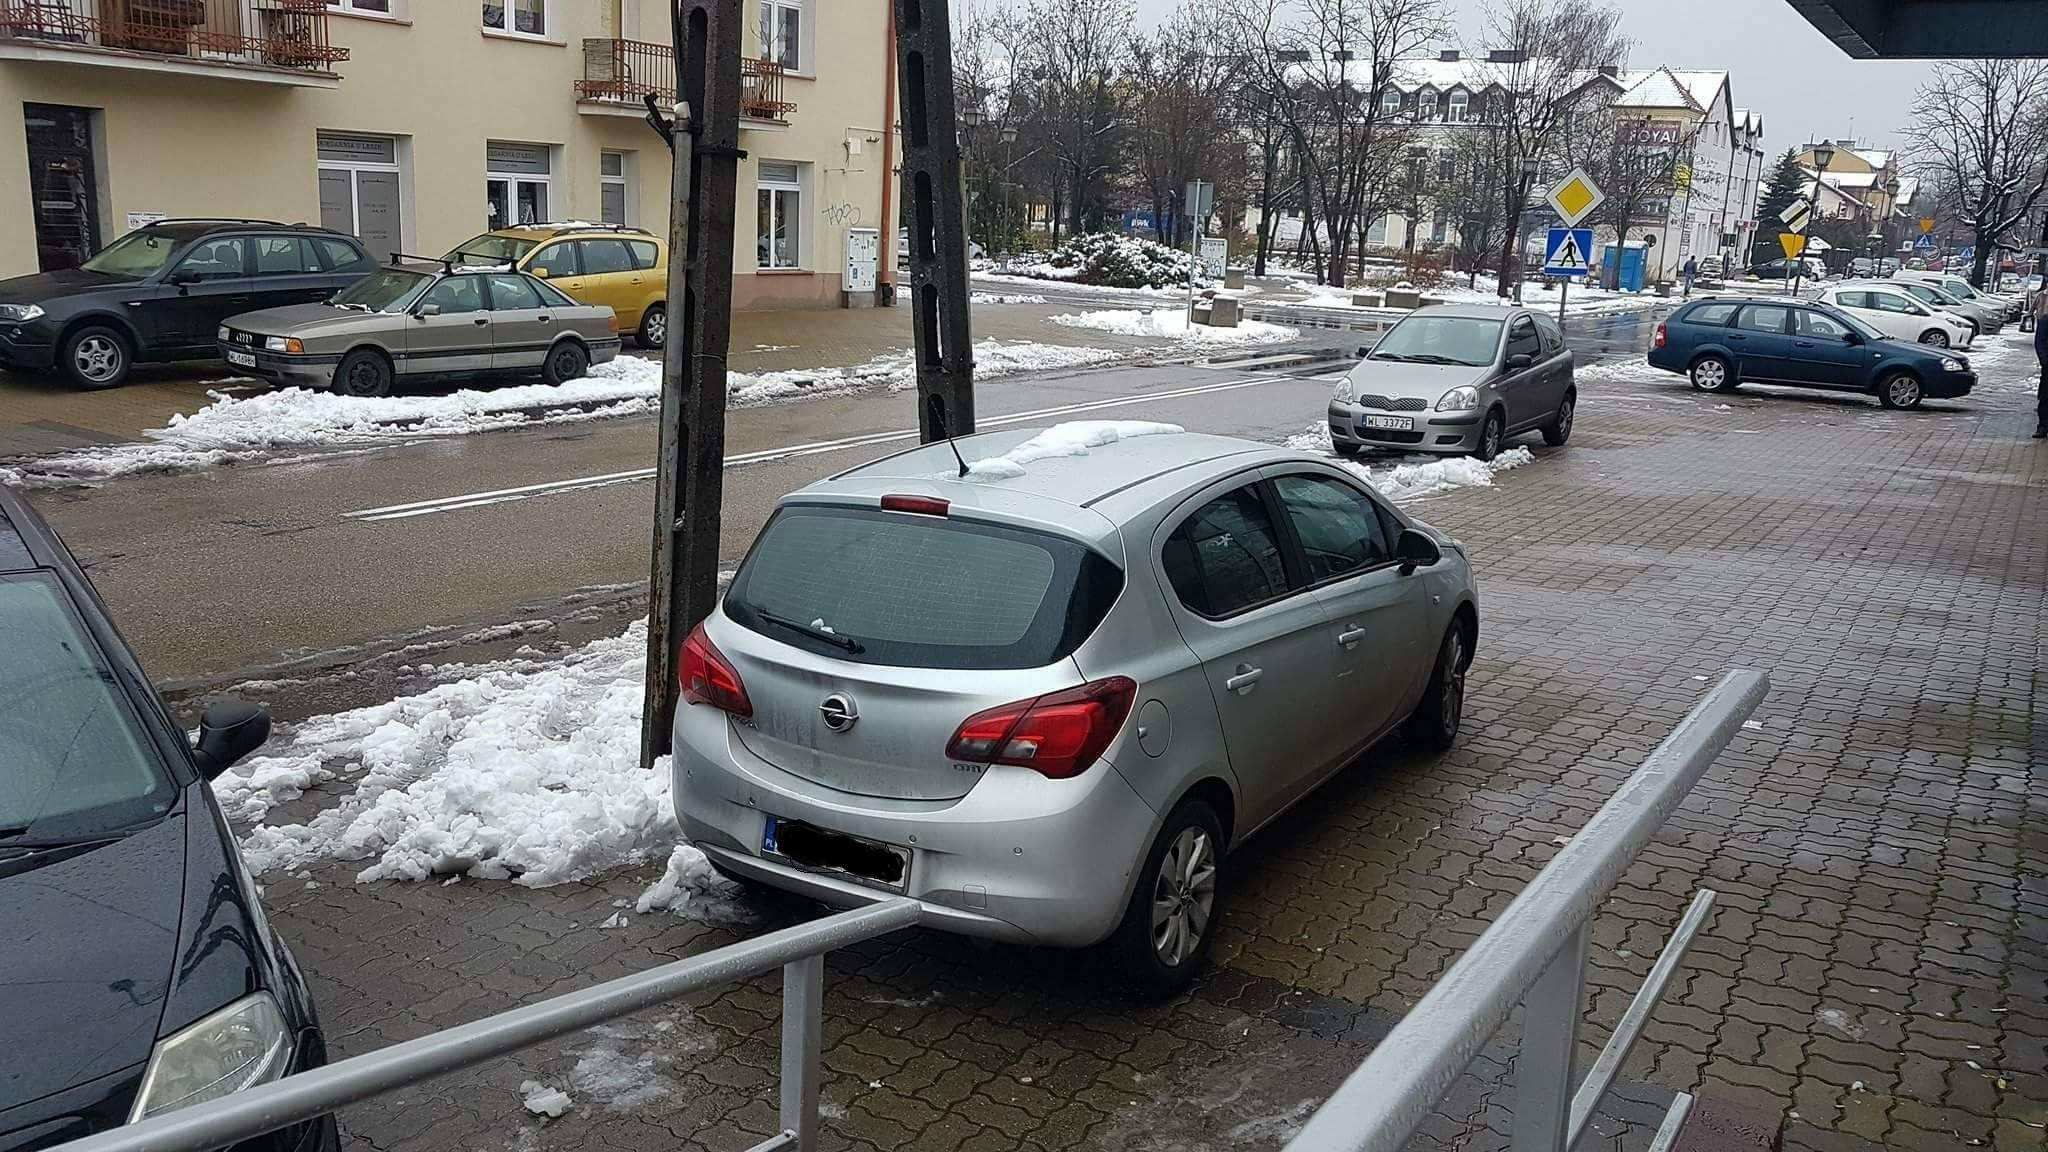 Marek - Po co pieszym chodnik, po co zjazd dla wózków skoro i tak nie ma jak z nich skorzystać. Lepiej postawić samochód bo brak miejsc parkingowych.